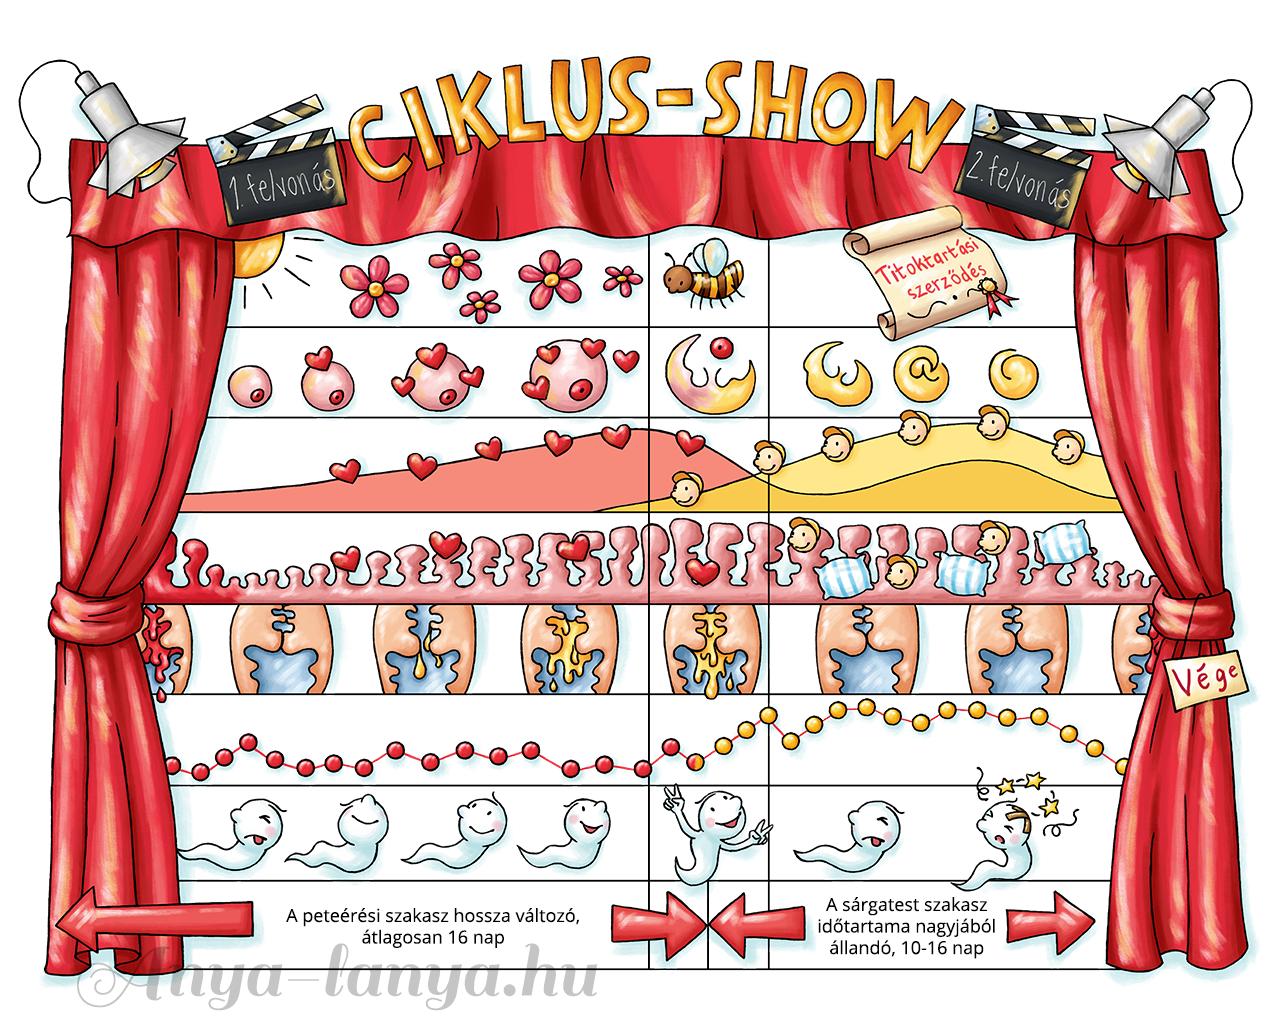 Termékenységtudatosság: a Ciklus-show program részletes ismereteket nyújt a női ciklus szakaszai, működése tekintetében